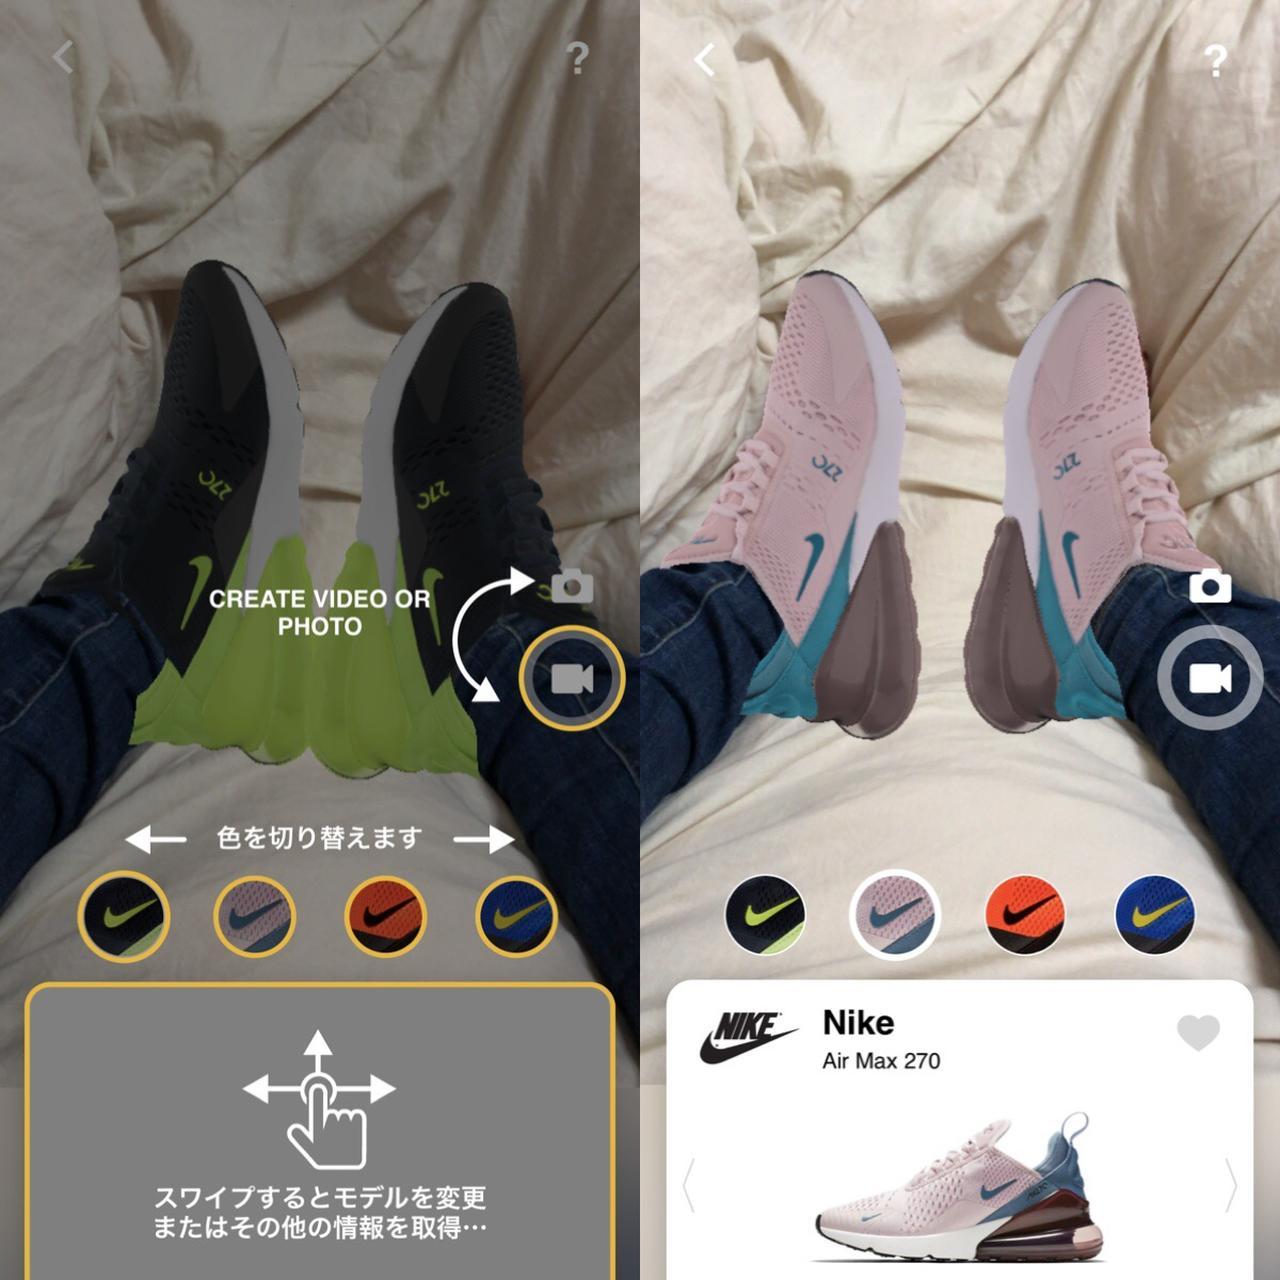 画像4: アプリのカメラでかざすだけ!お家にいながら色々な種類のスニーカーを試着。